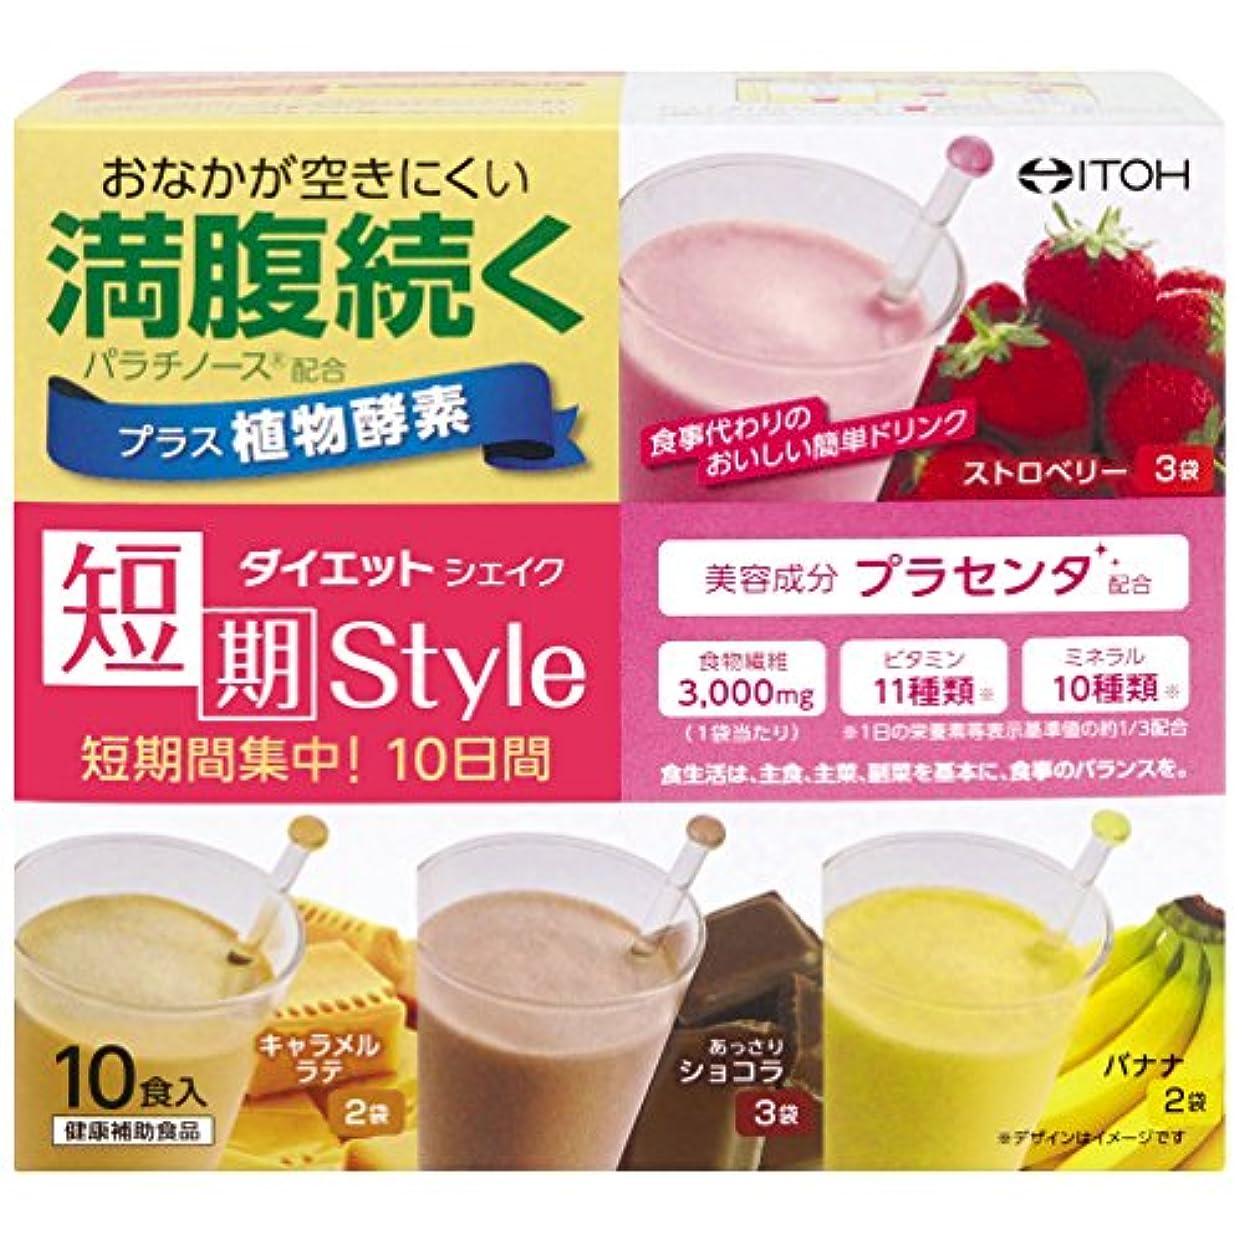 過度の請願者終わった井藤漢方製薬 短期スタイル ダイエットシェイク 10食分 25gX10袋